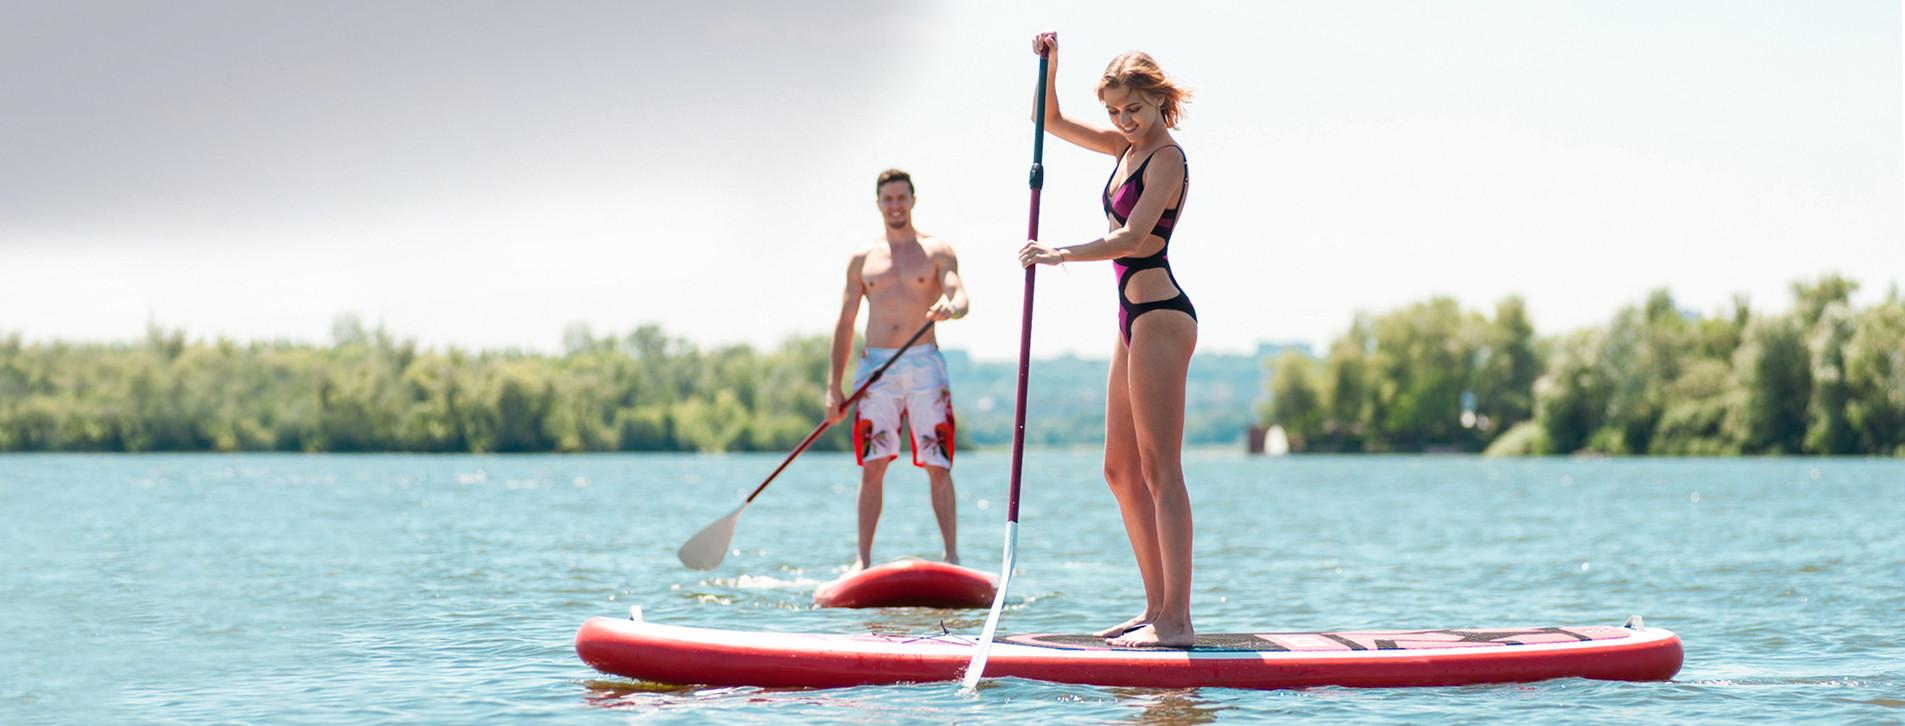 Фото - SUP-серфинг для двоих